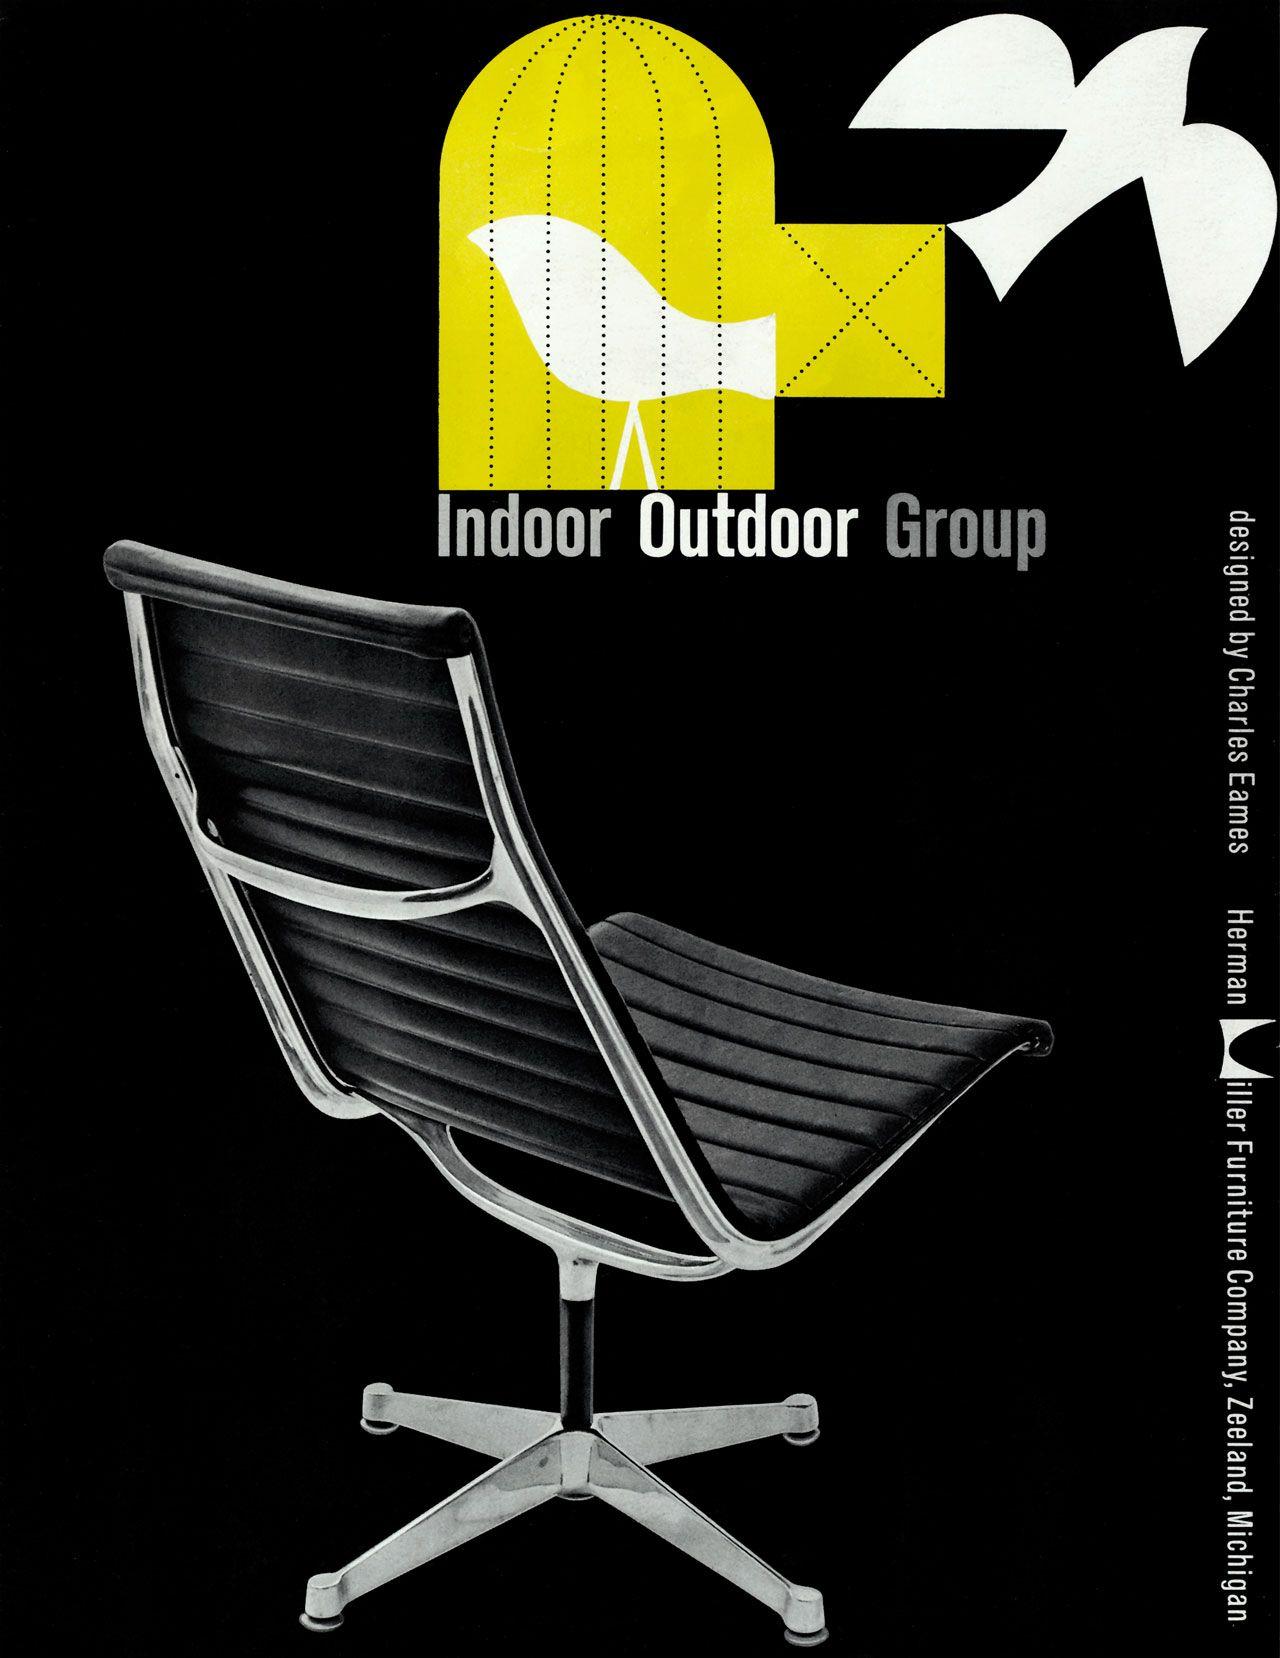 Indoor Outdoor Group, 1958 ad